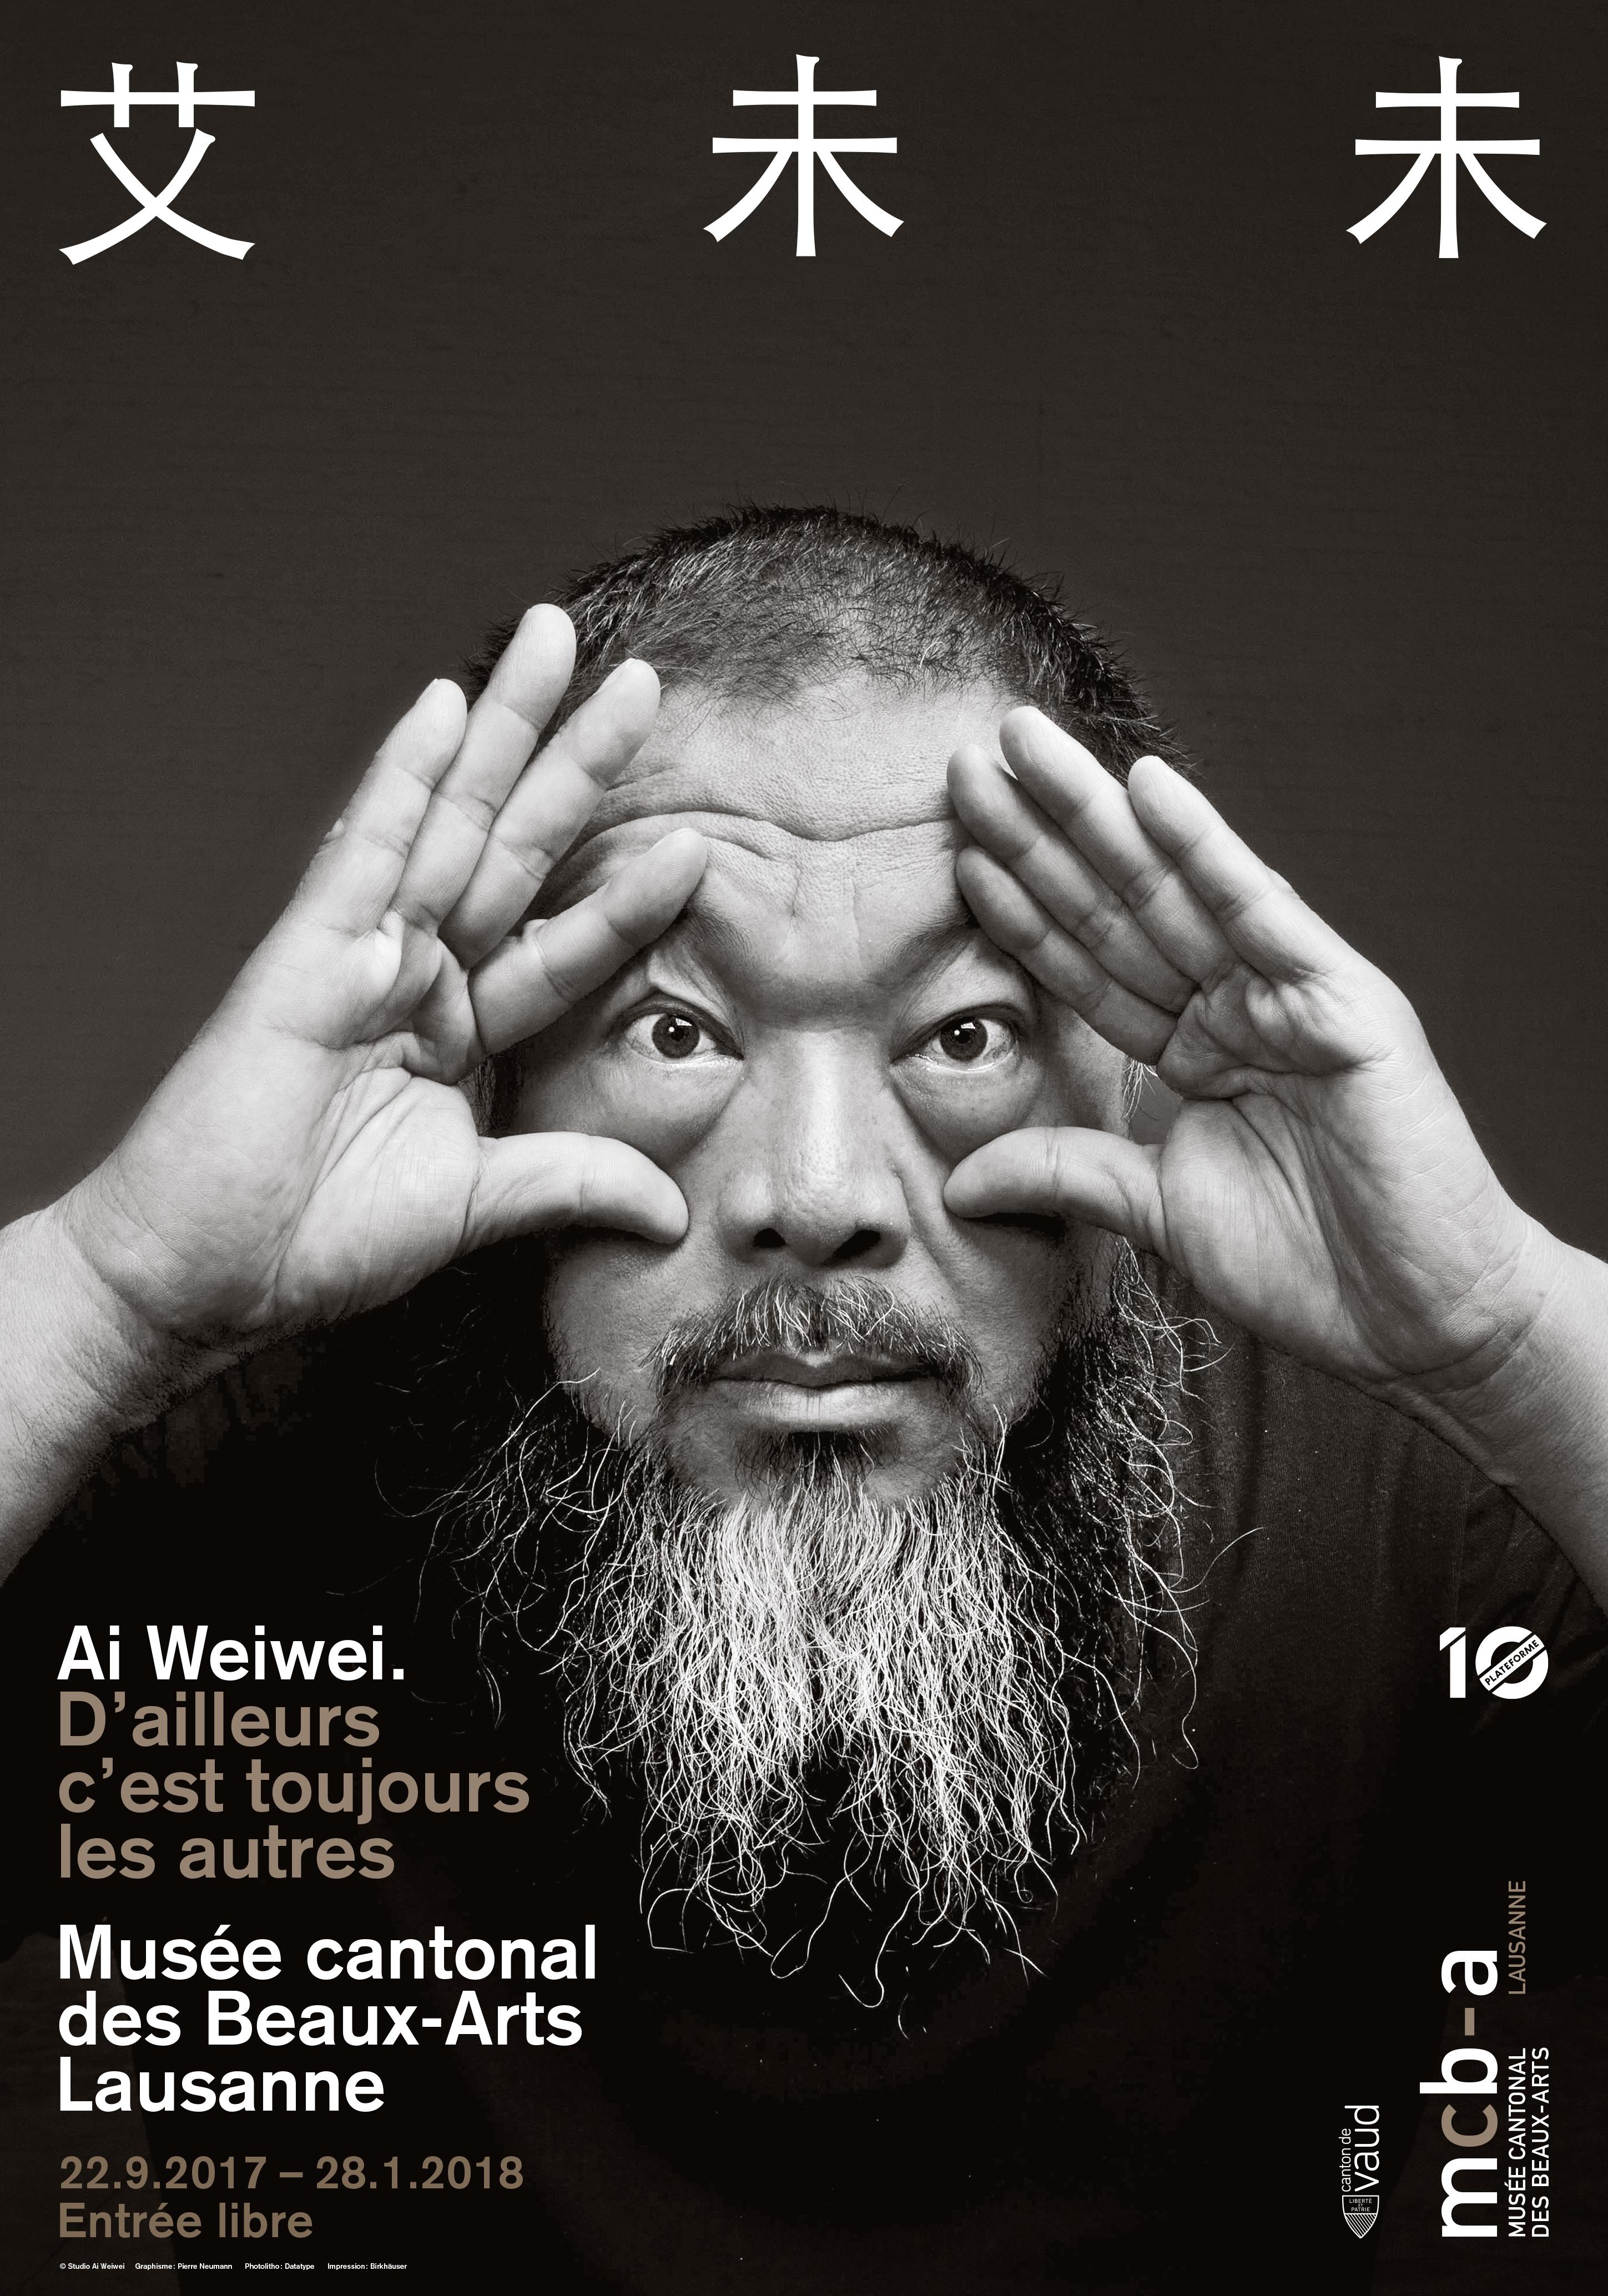 AI Weiwei. D'ailleurs c'est toujoursles autres…